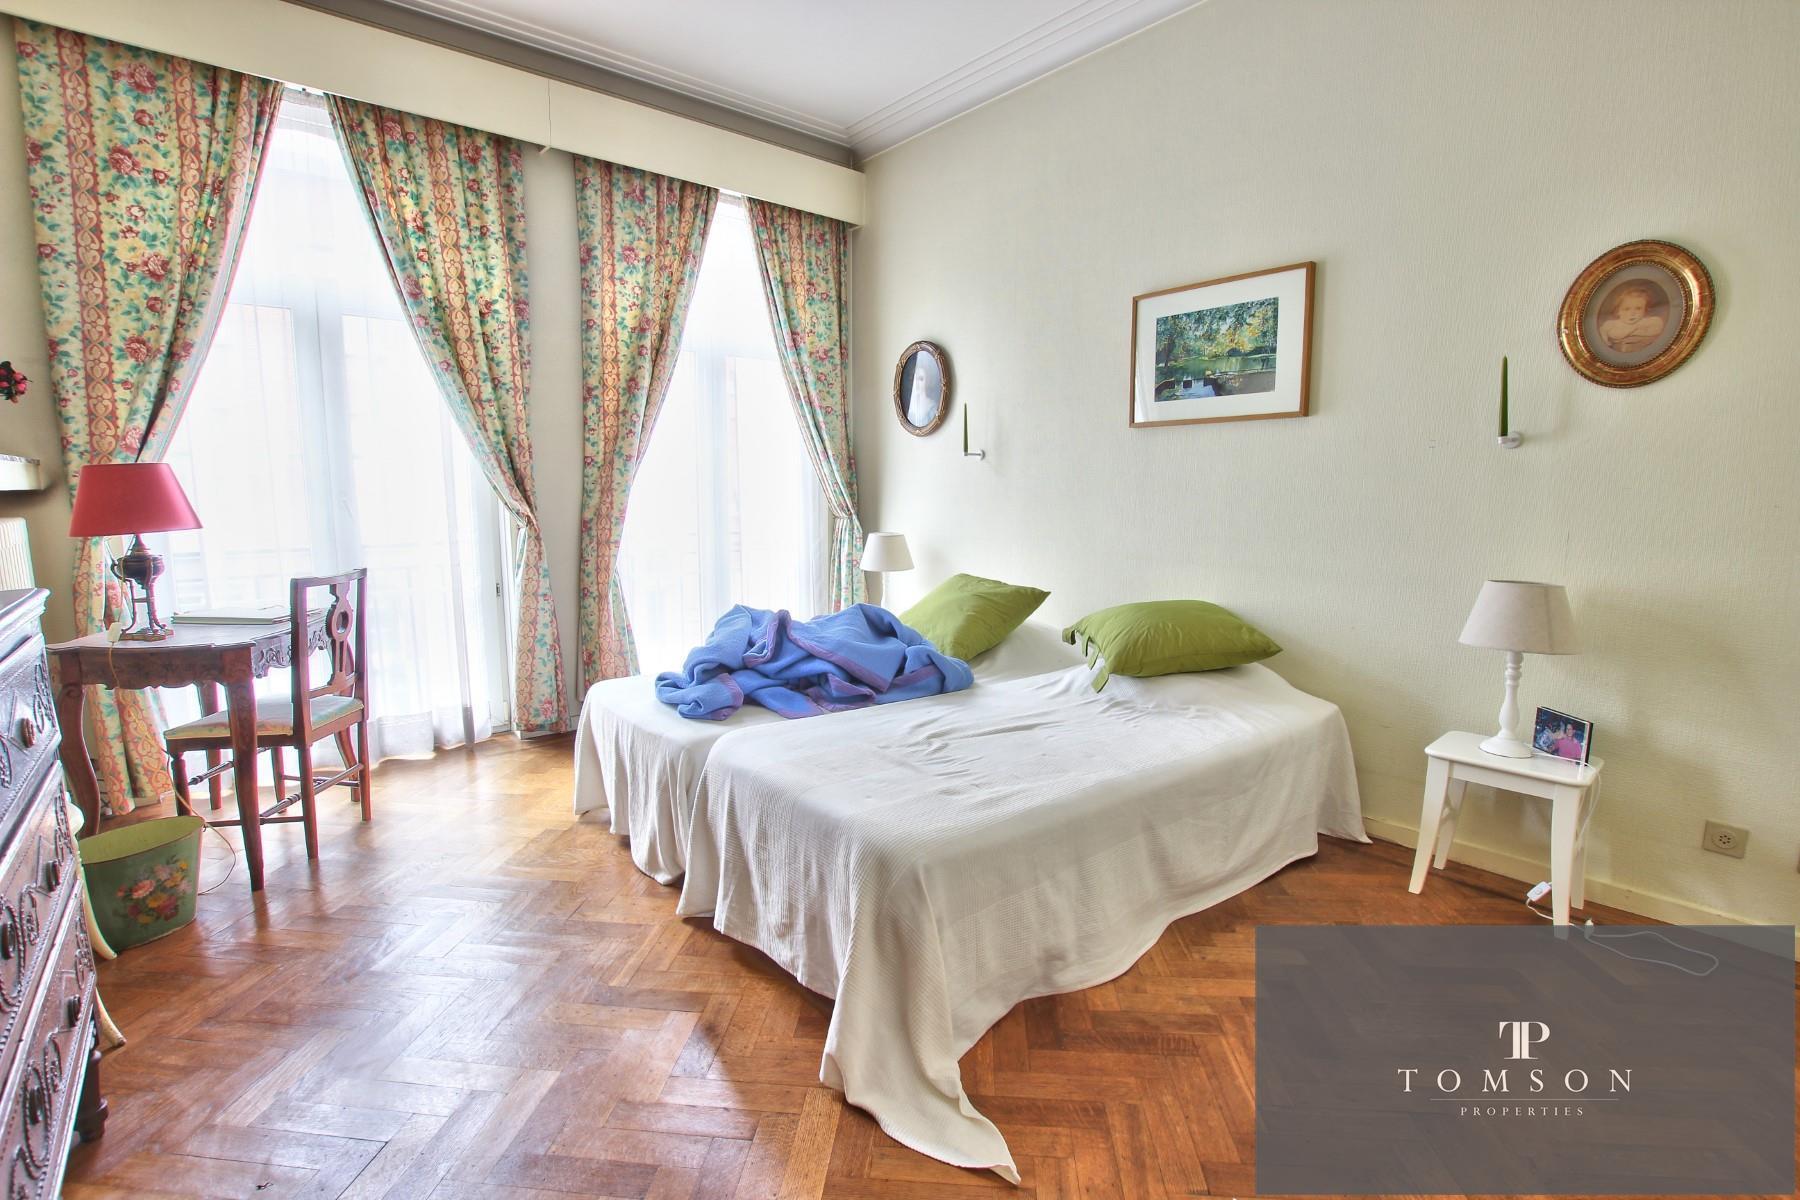 Appartement exceptionnel - Ixelles - #4098210-6